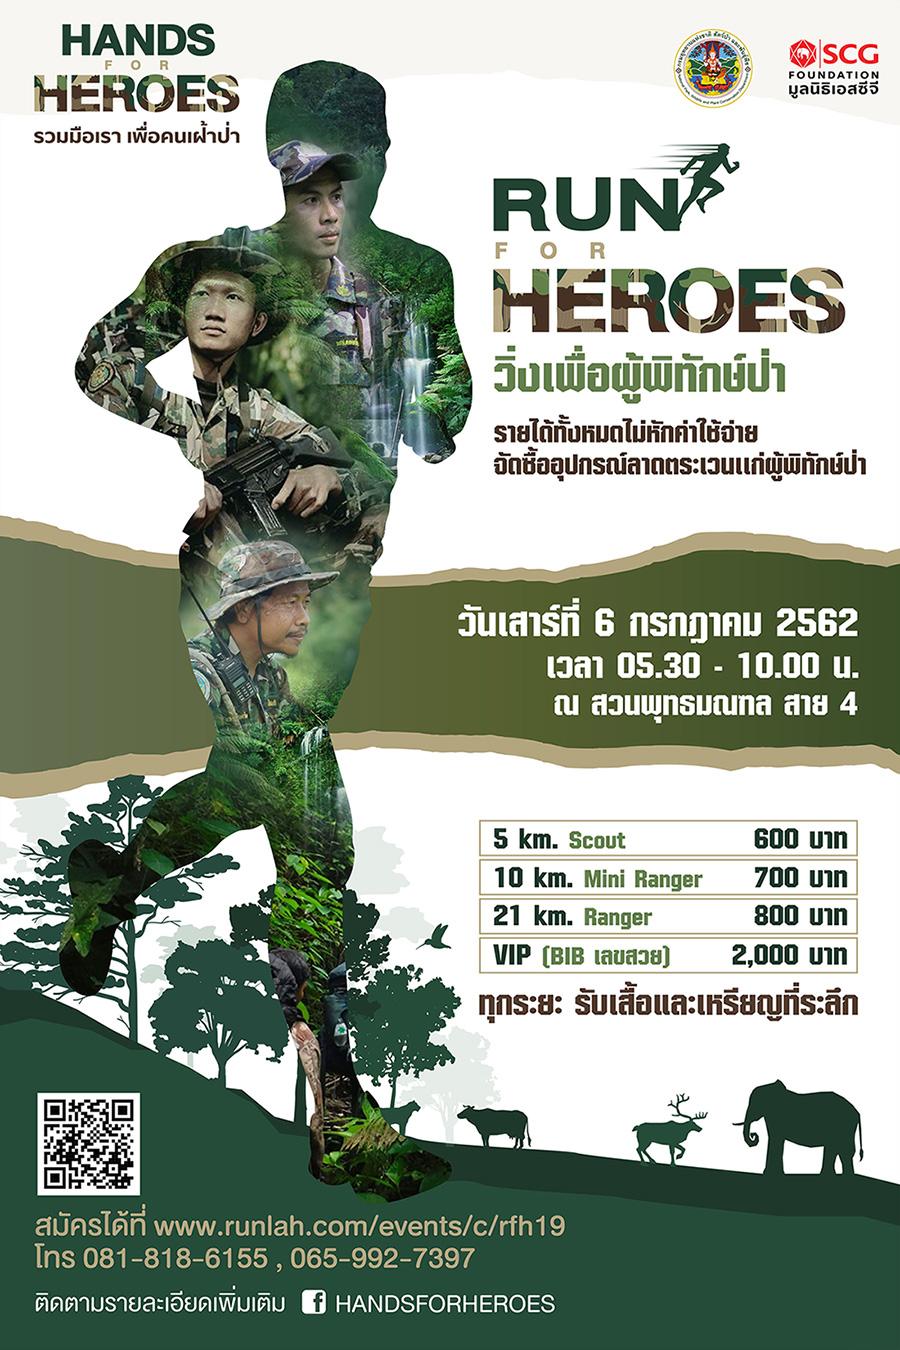 """มูลนิธิเอสซีจี ชวนวิ่ง """"Run for Heroes"""" รายได้มอบให้ """"คนเฝ้าป่า"""" ทั่วประเทศ"""